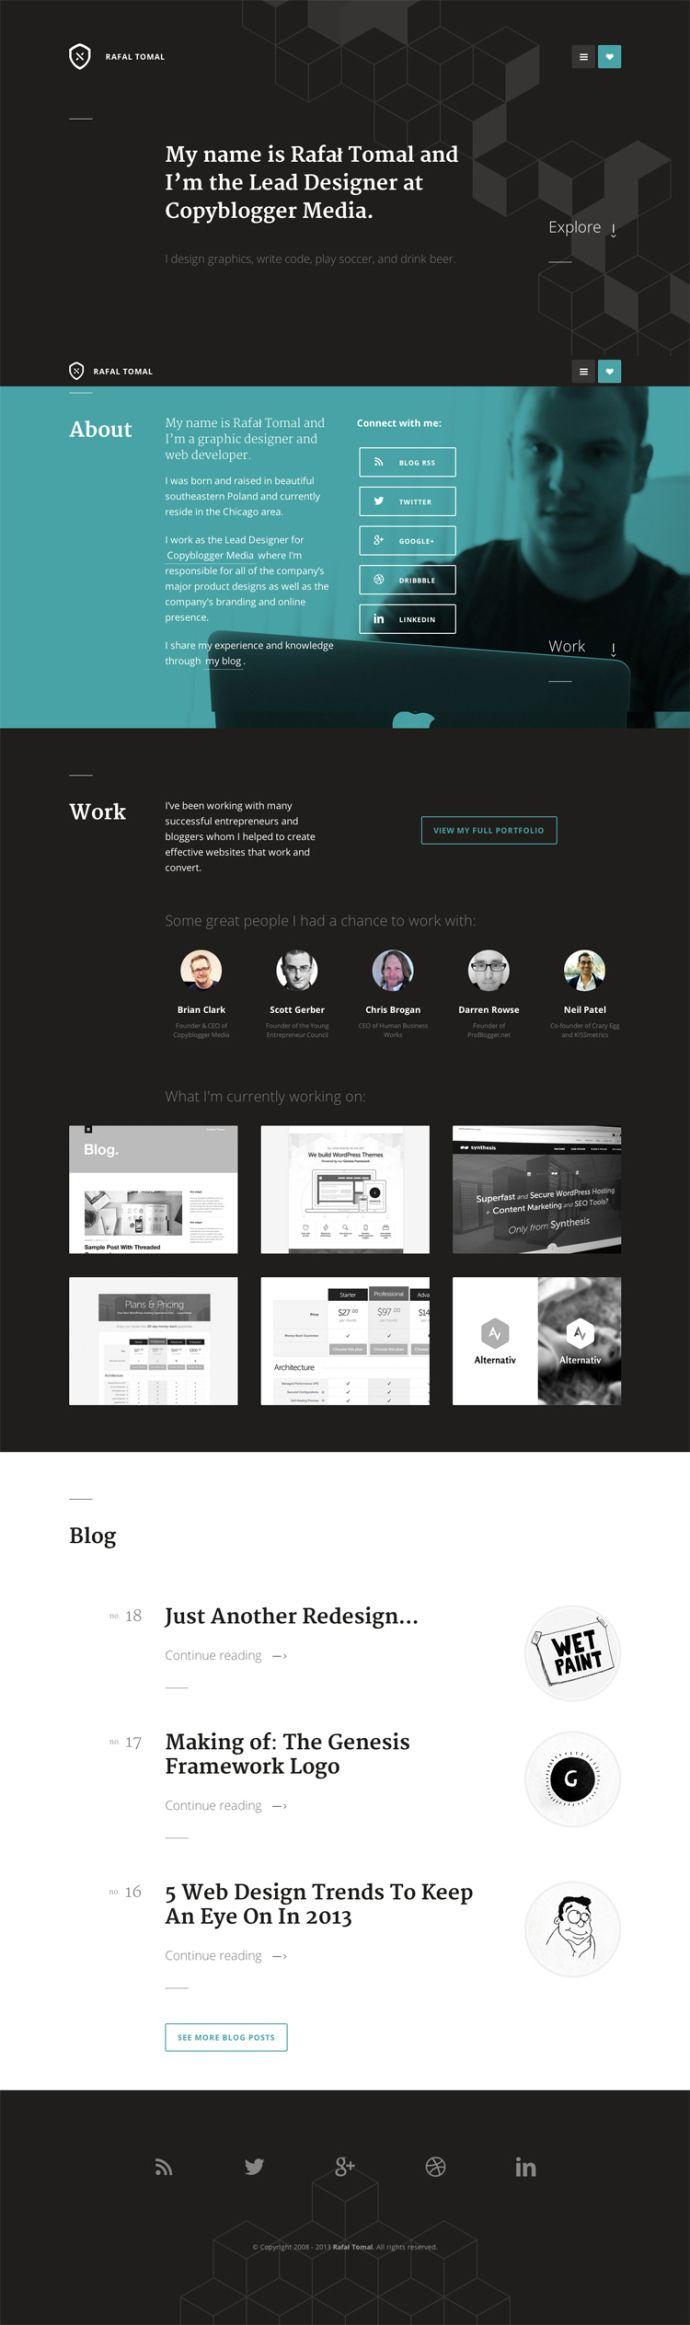 Дизайн-студия создание поддержка и продвижение сайтов send thread садо мазо новые фото с сервера